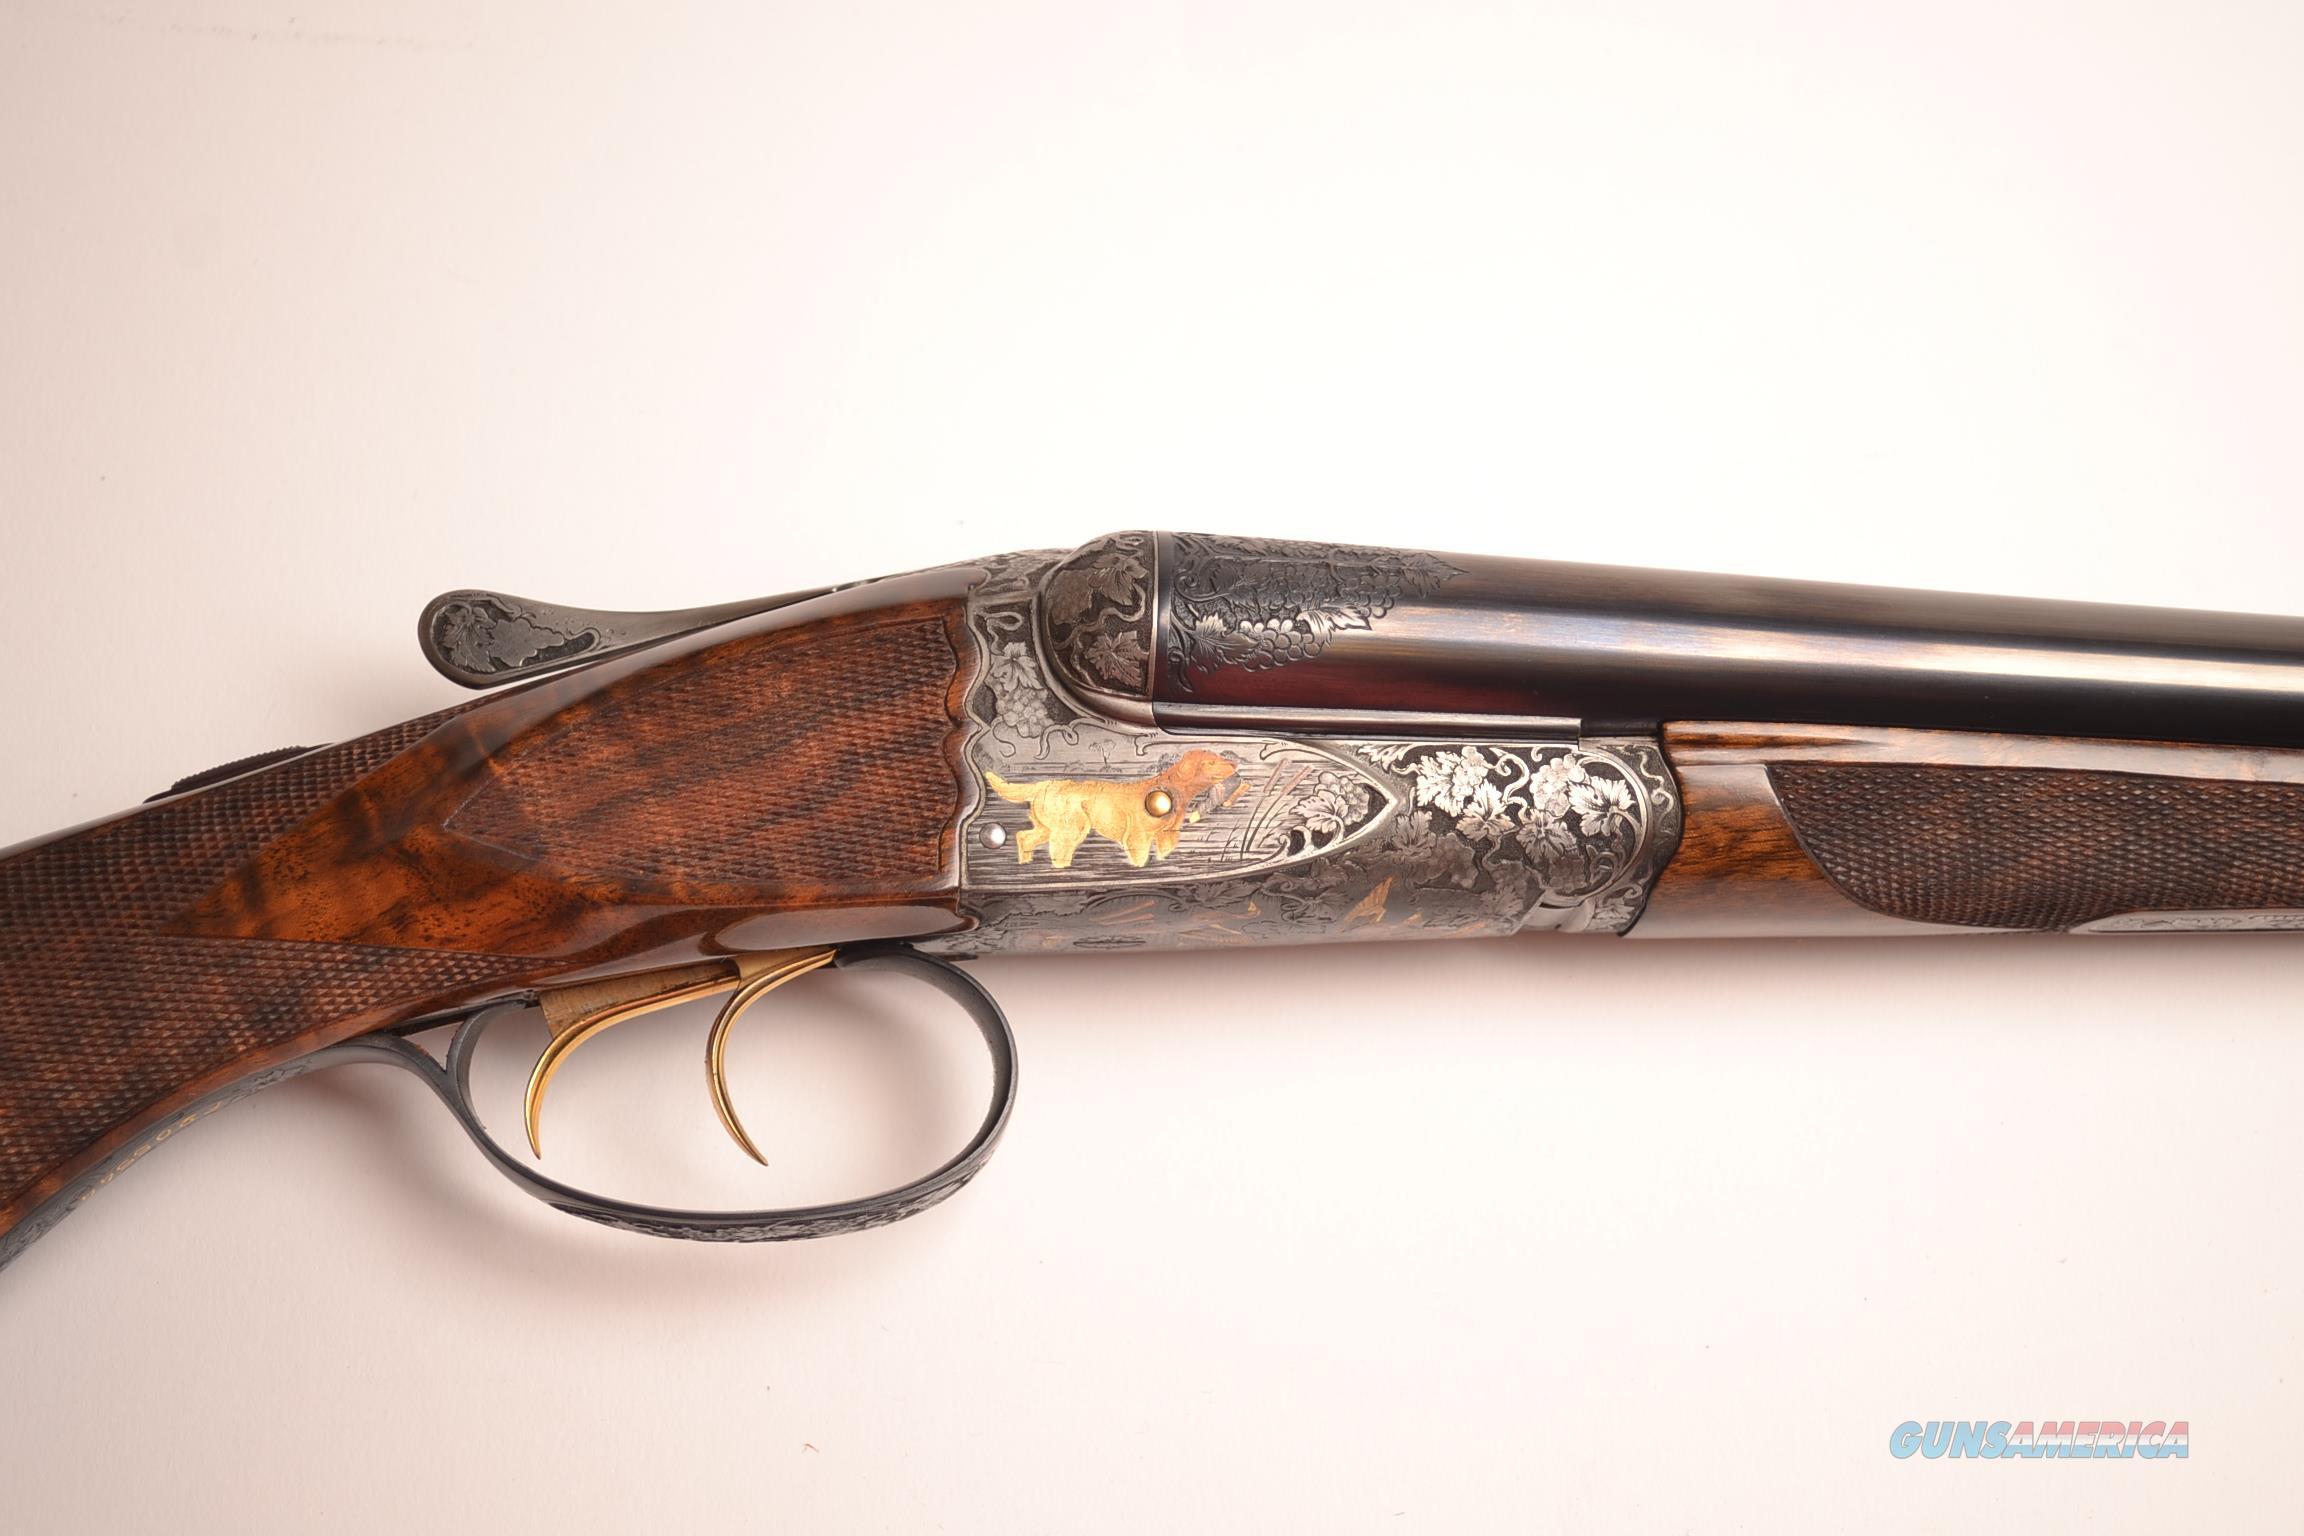 CSMC - Fox Special  Guns > Shotguns > Connecticut (Galazan) Shotguns